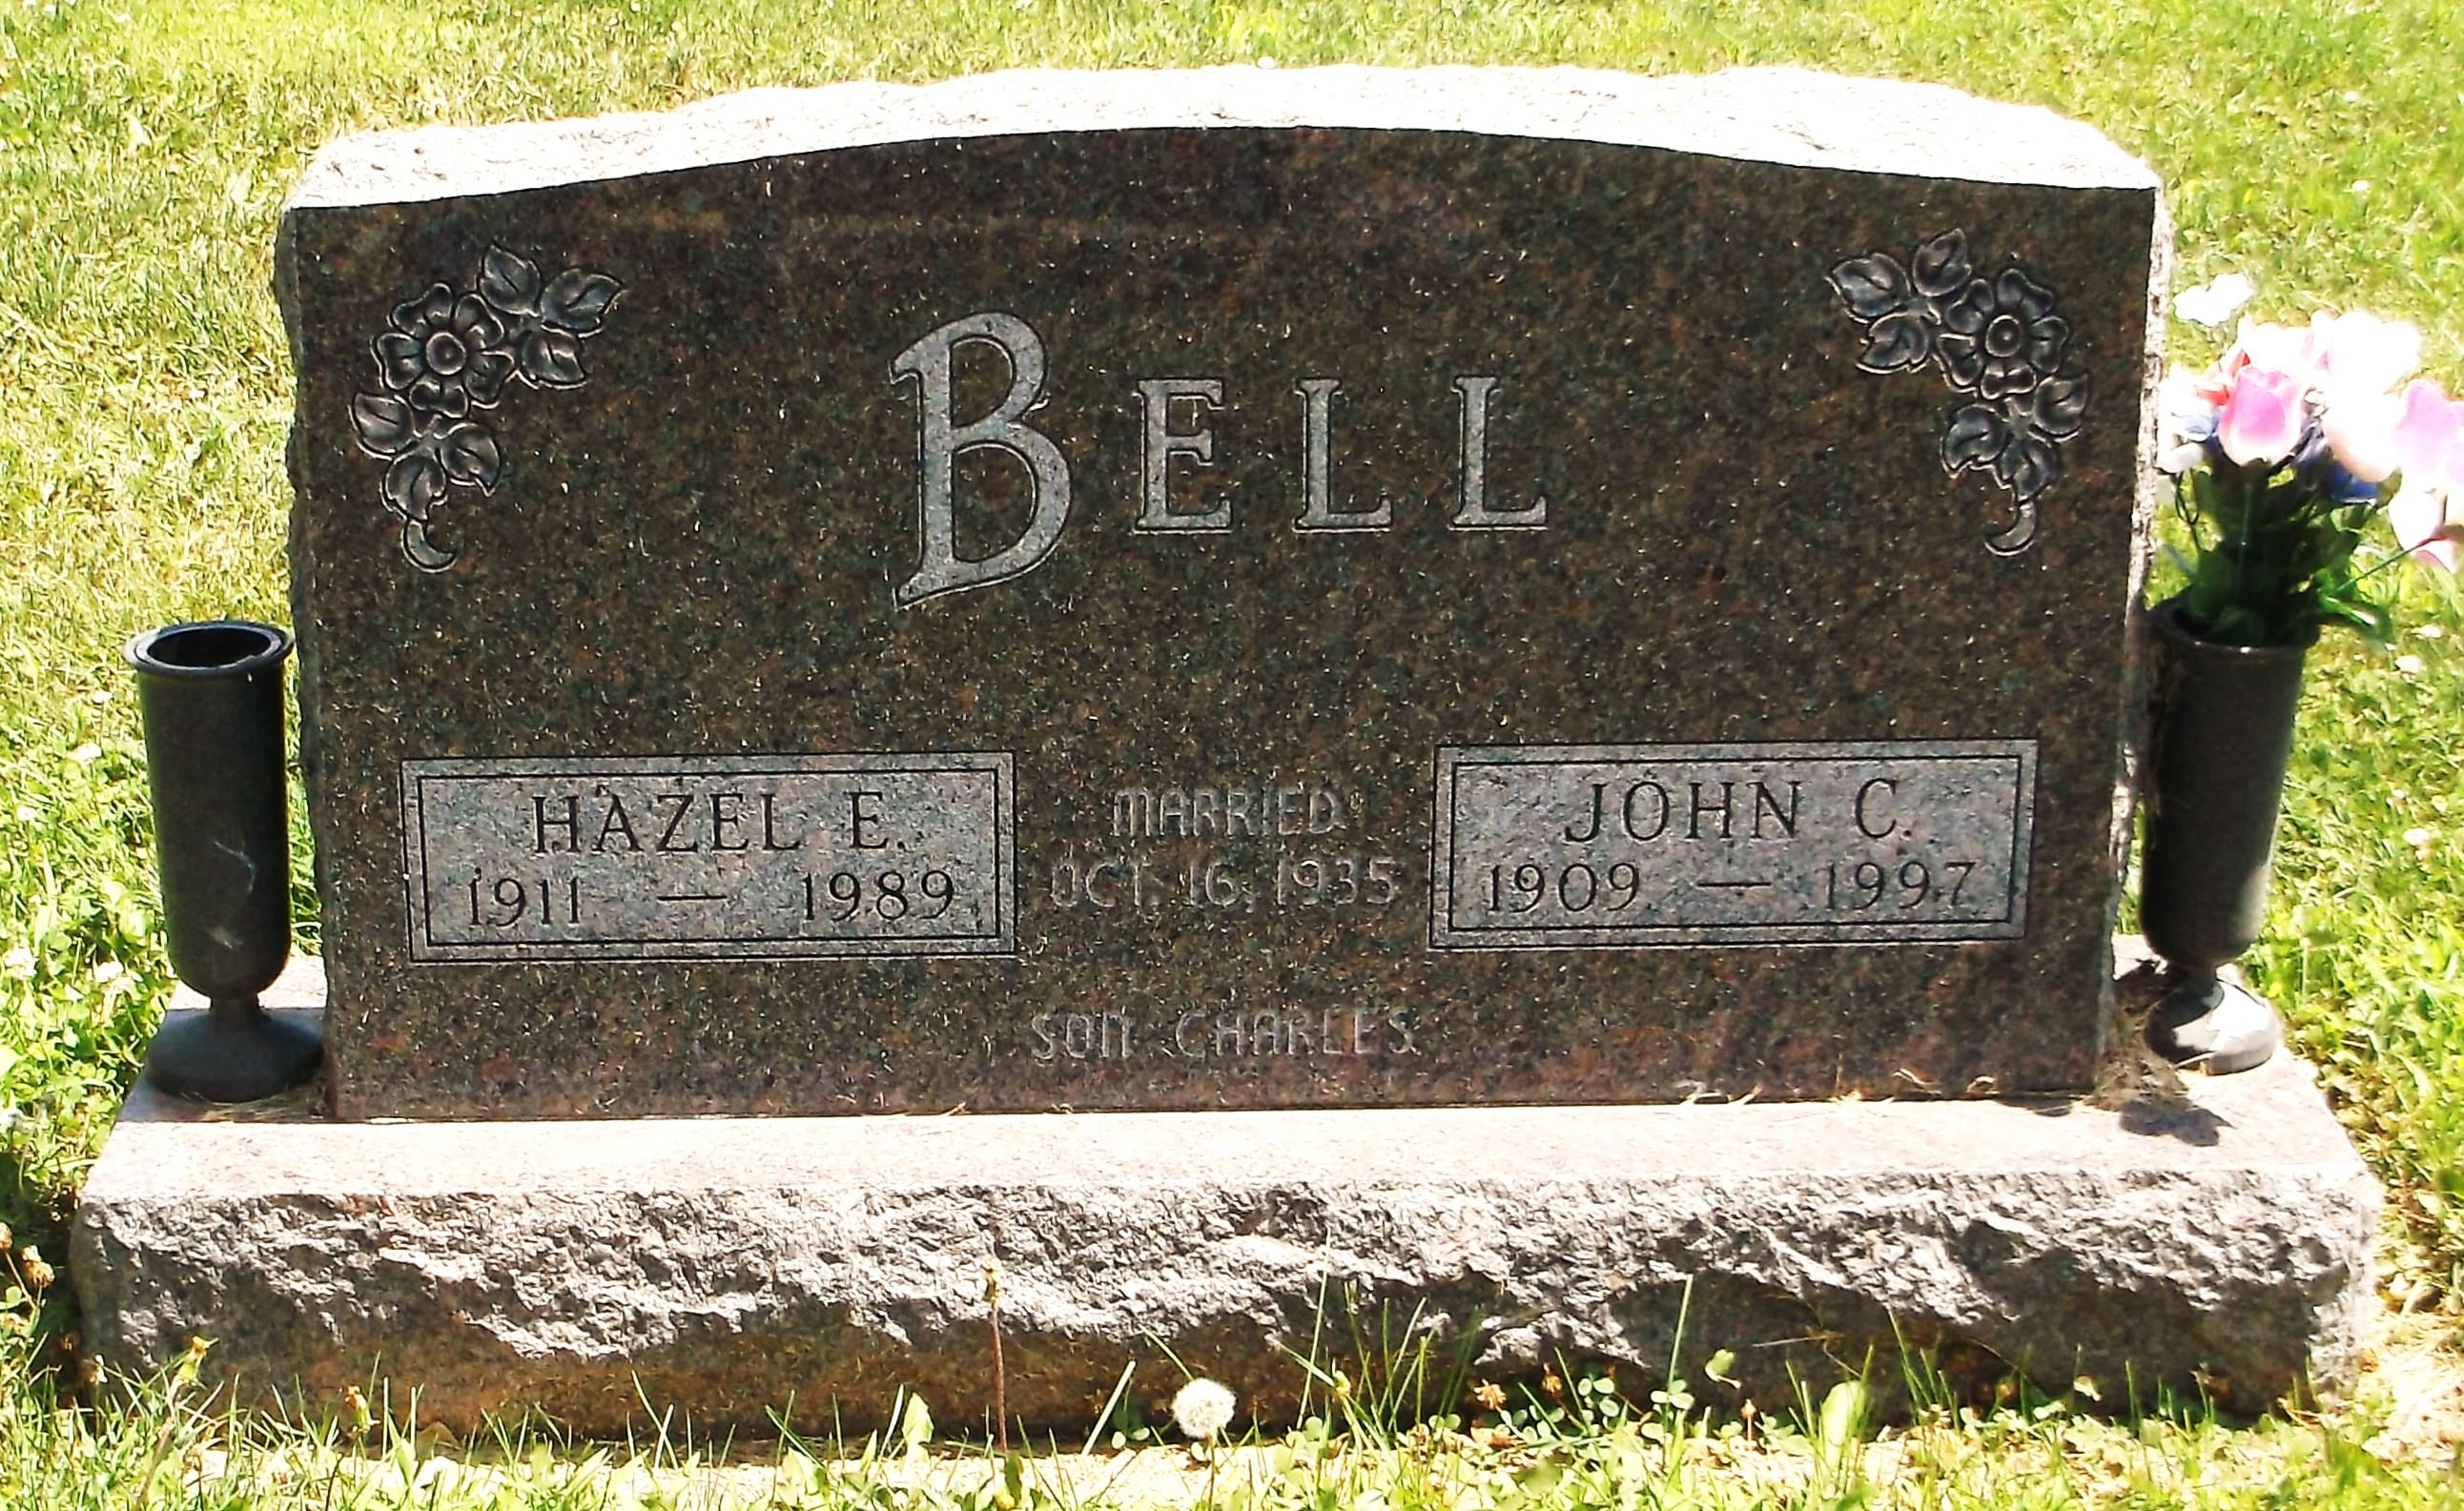 John C. Jack Bell